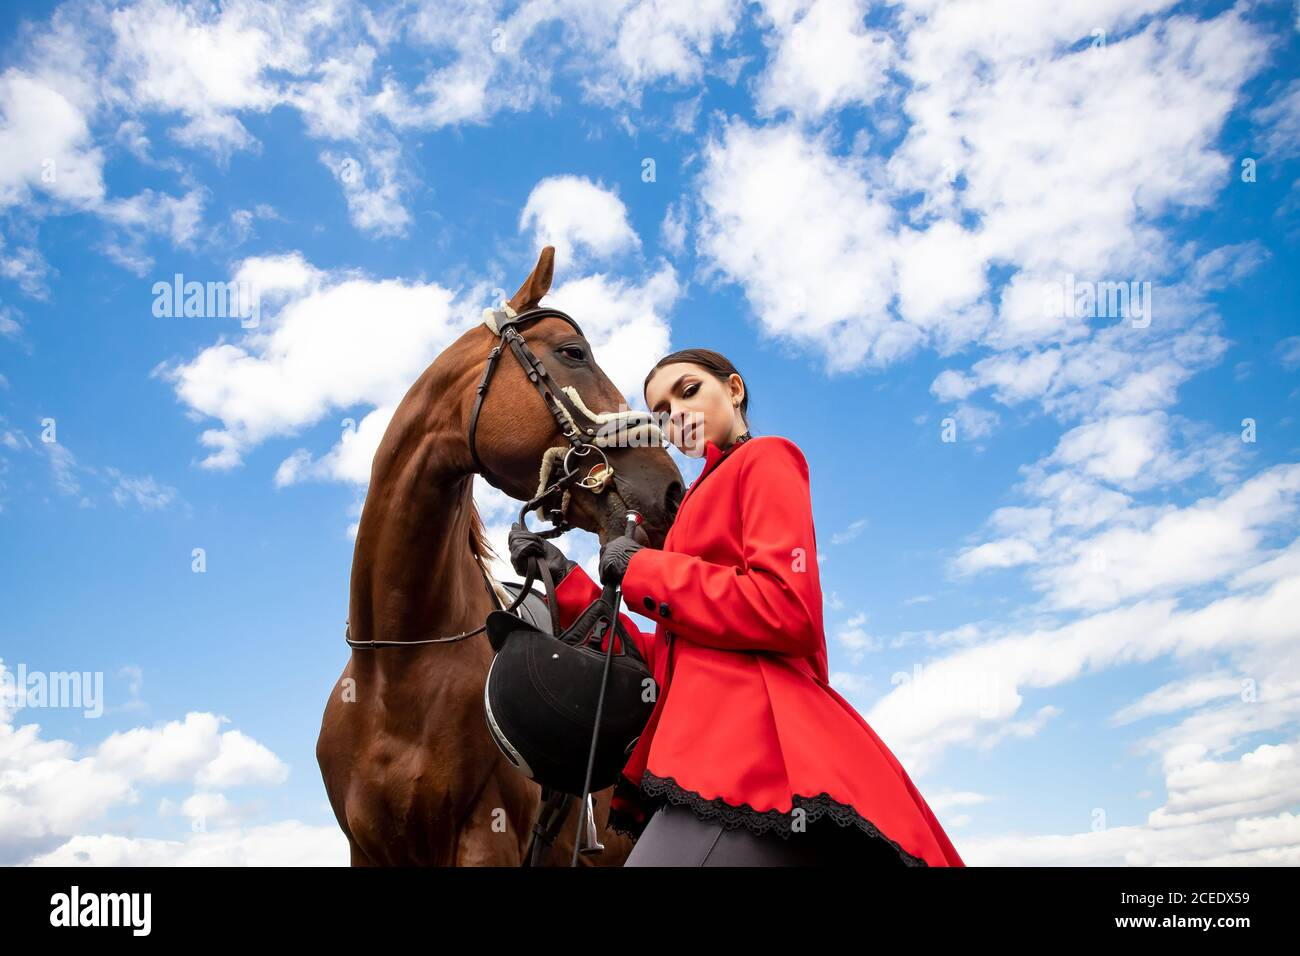 Foto de moda Deporte ecuestre Mujer jockey con caballo marrón, al aire libre Foto de stock